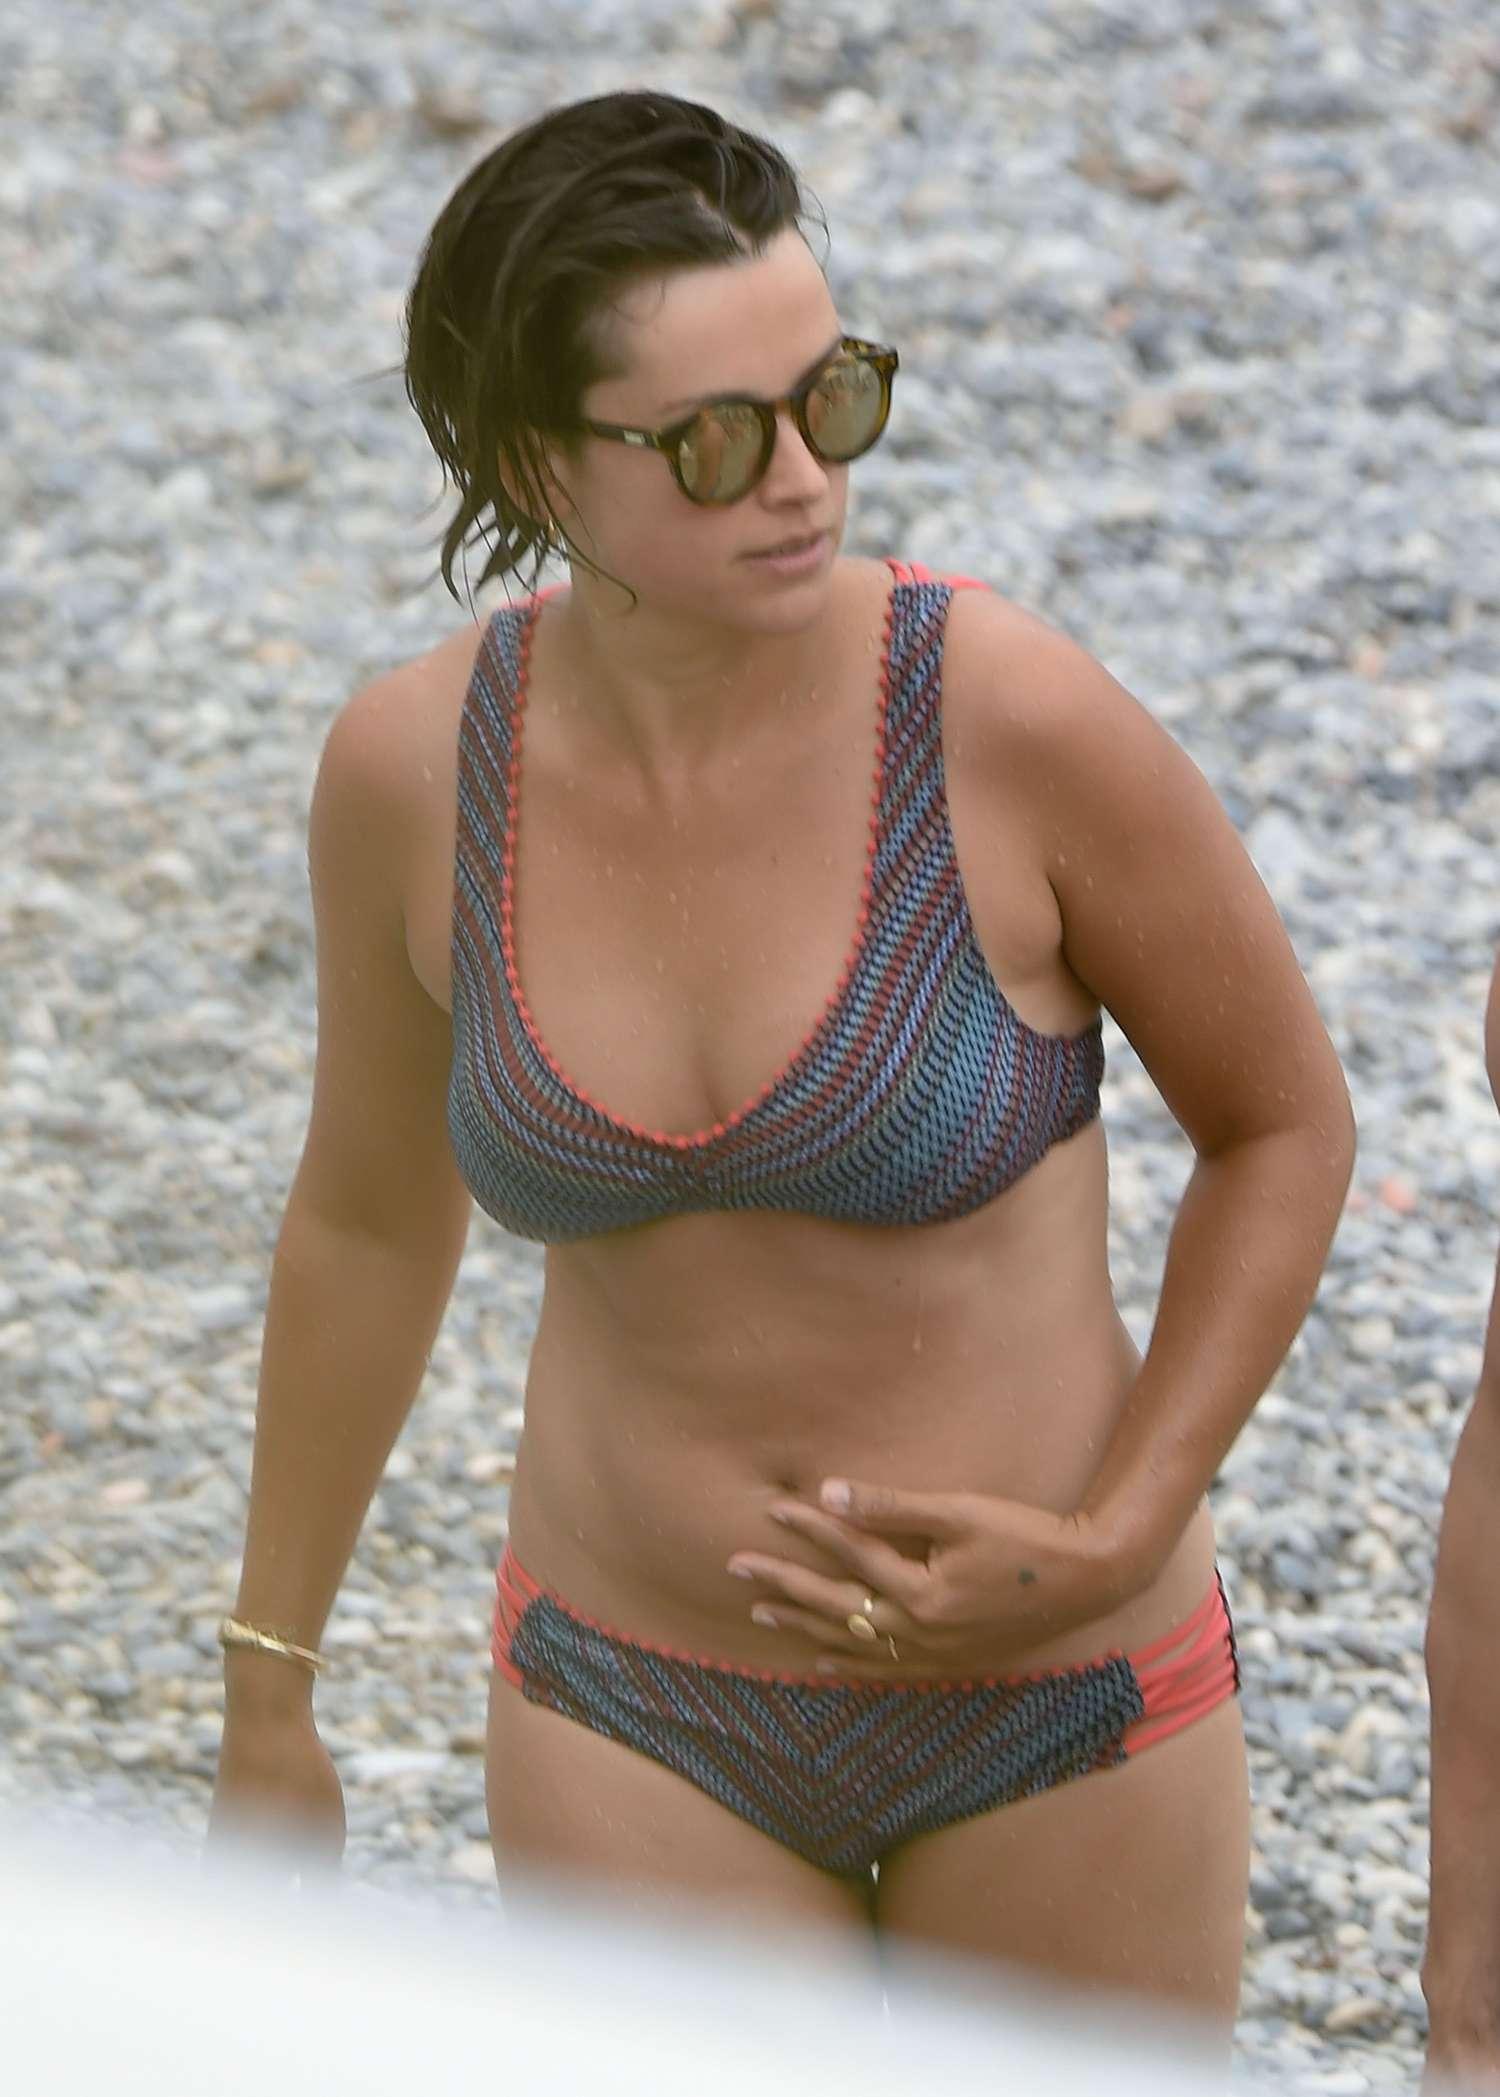 Fotos de amelia vega en bikinis 27